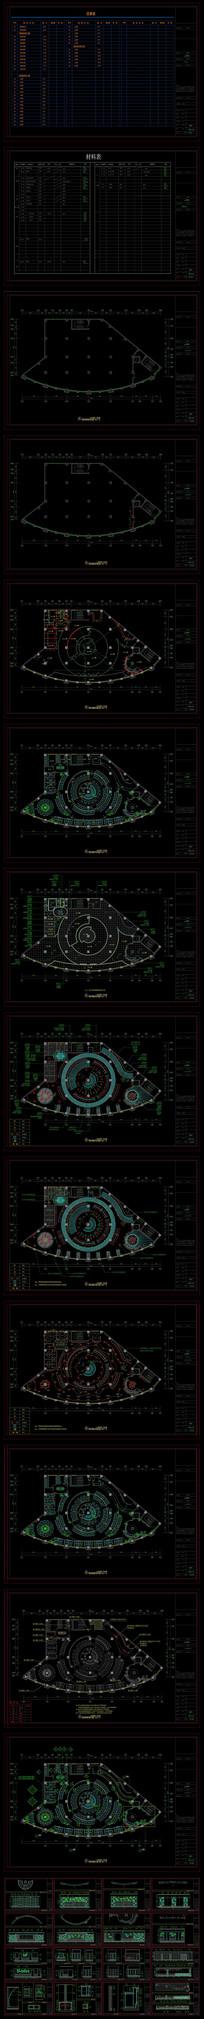 网咖网吧装修CAD设计方案